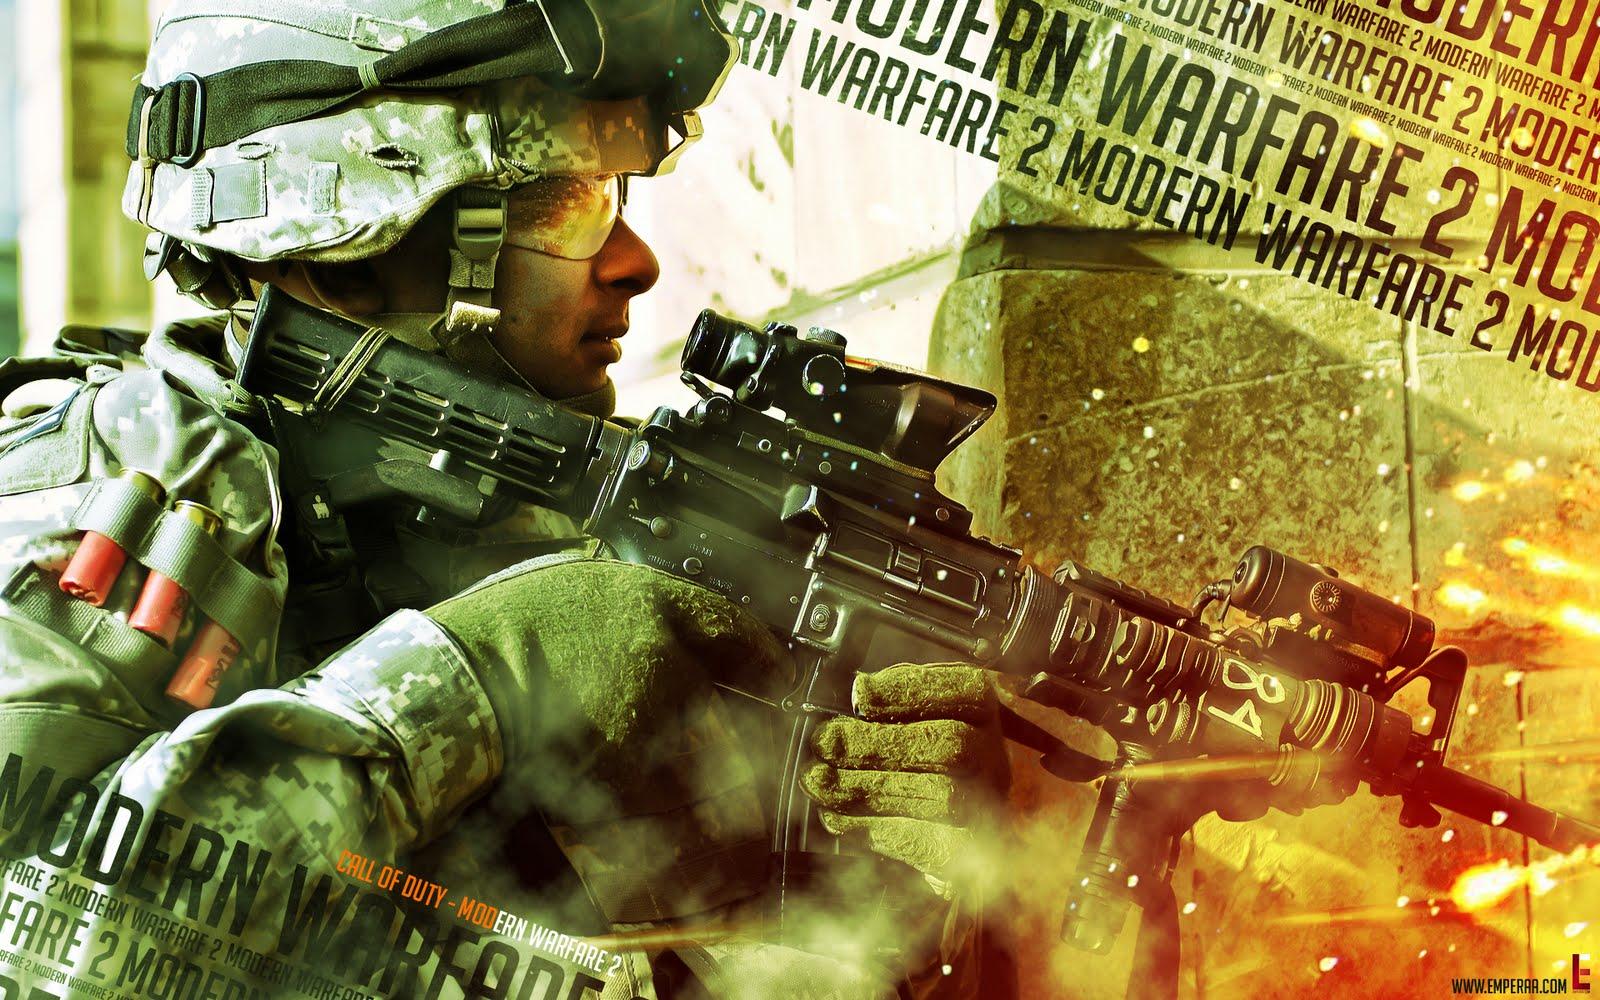 http://1.bp.blogspot.com/_Gq1jO6iuU2U/Su4thzBpYJI/AAAAAAAAF9o/6JdRSx2HJZU/s1600/Call+Of+Duty+-+Modern+Warfare+2+-+GREEN.jpg